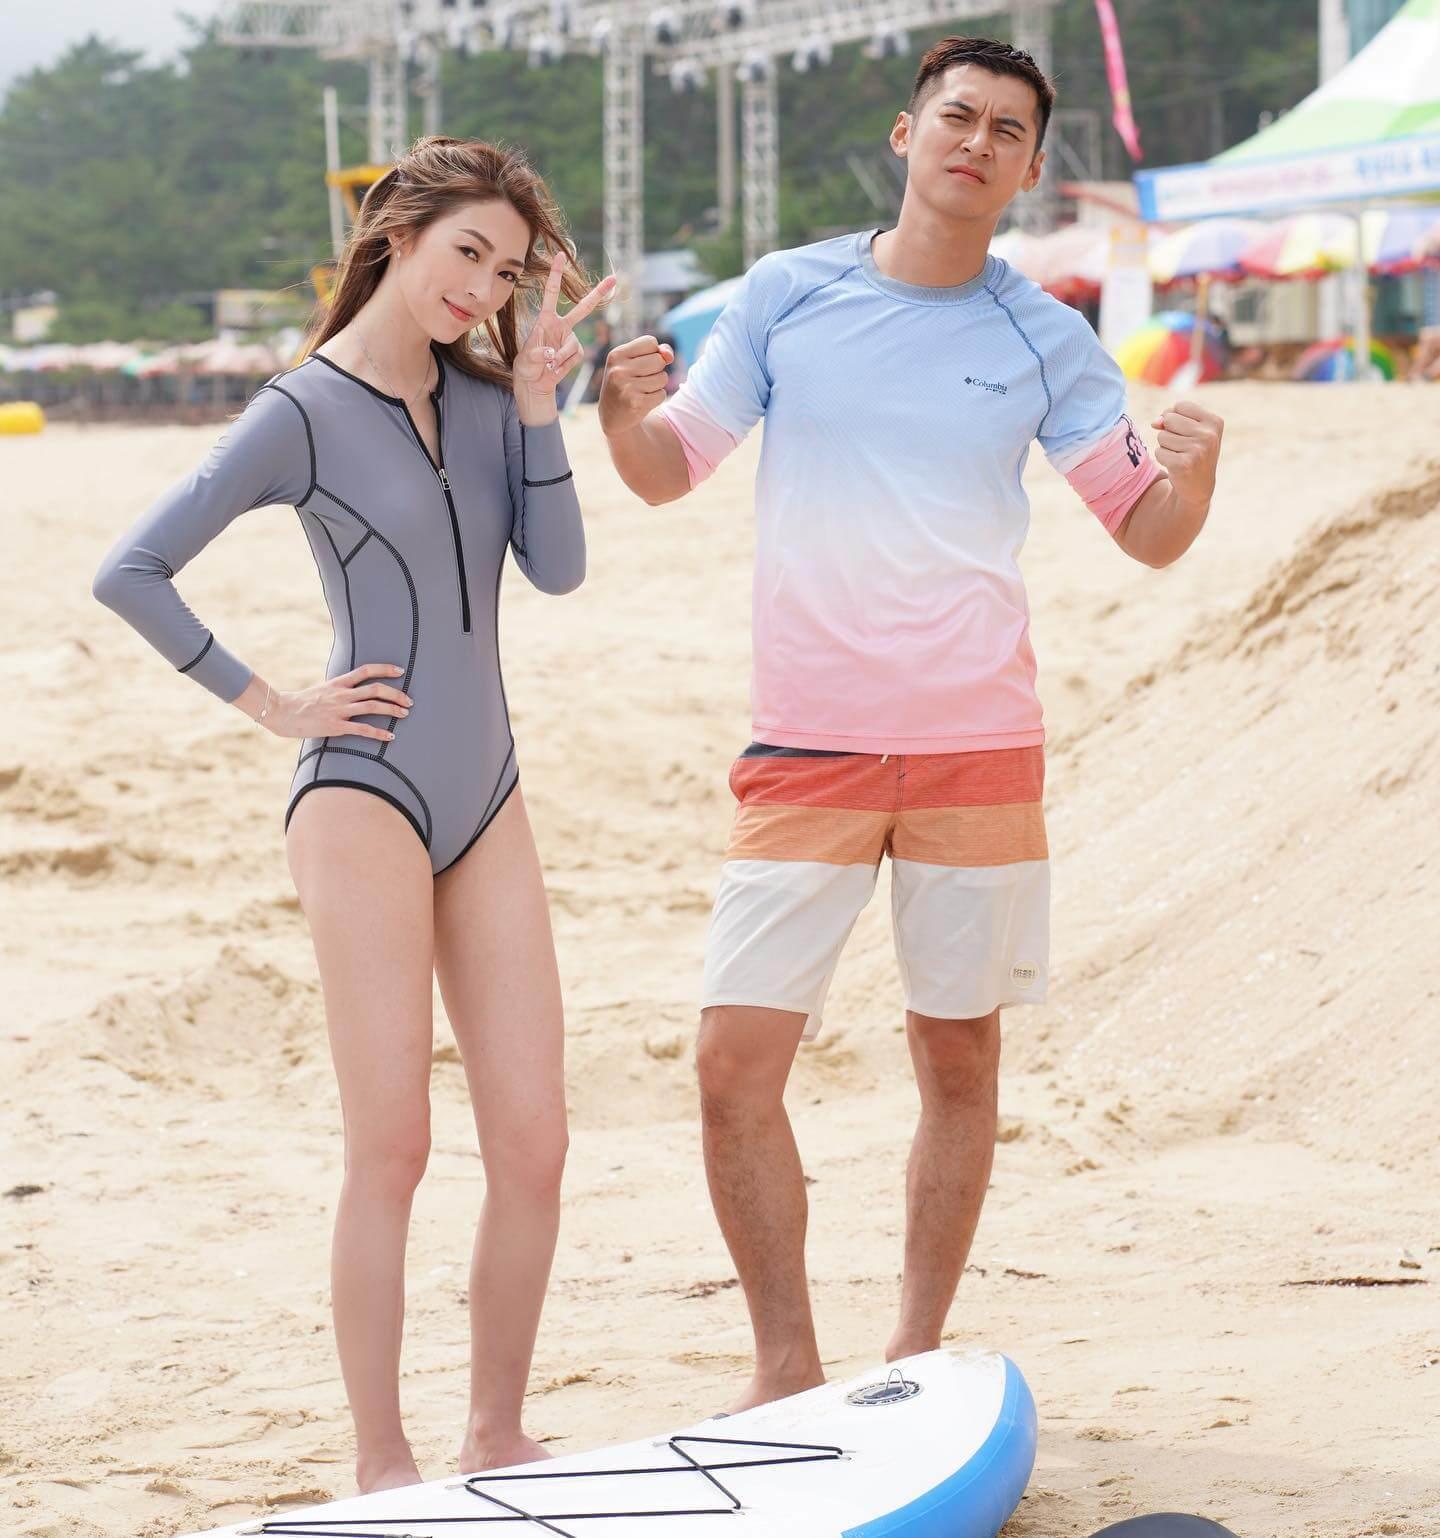 去年七月,連詩雅與陳家樂同赴濟州拍攝旅遊節目《12個夏天》,近日傳出兩人拍拖的消息。